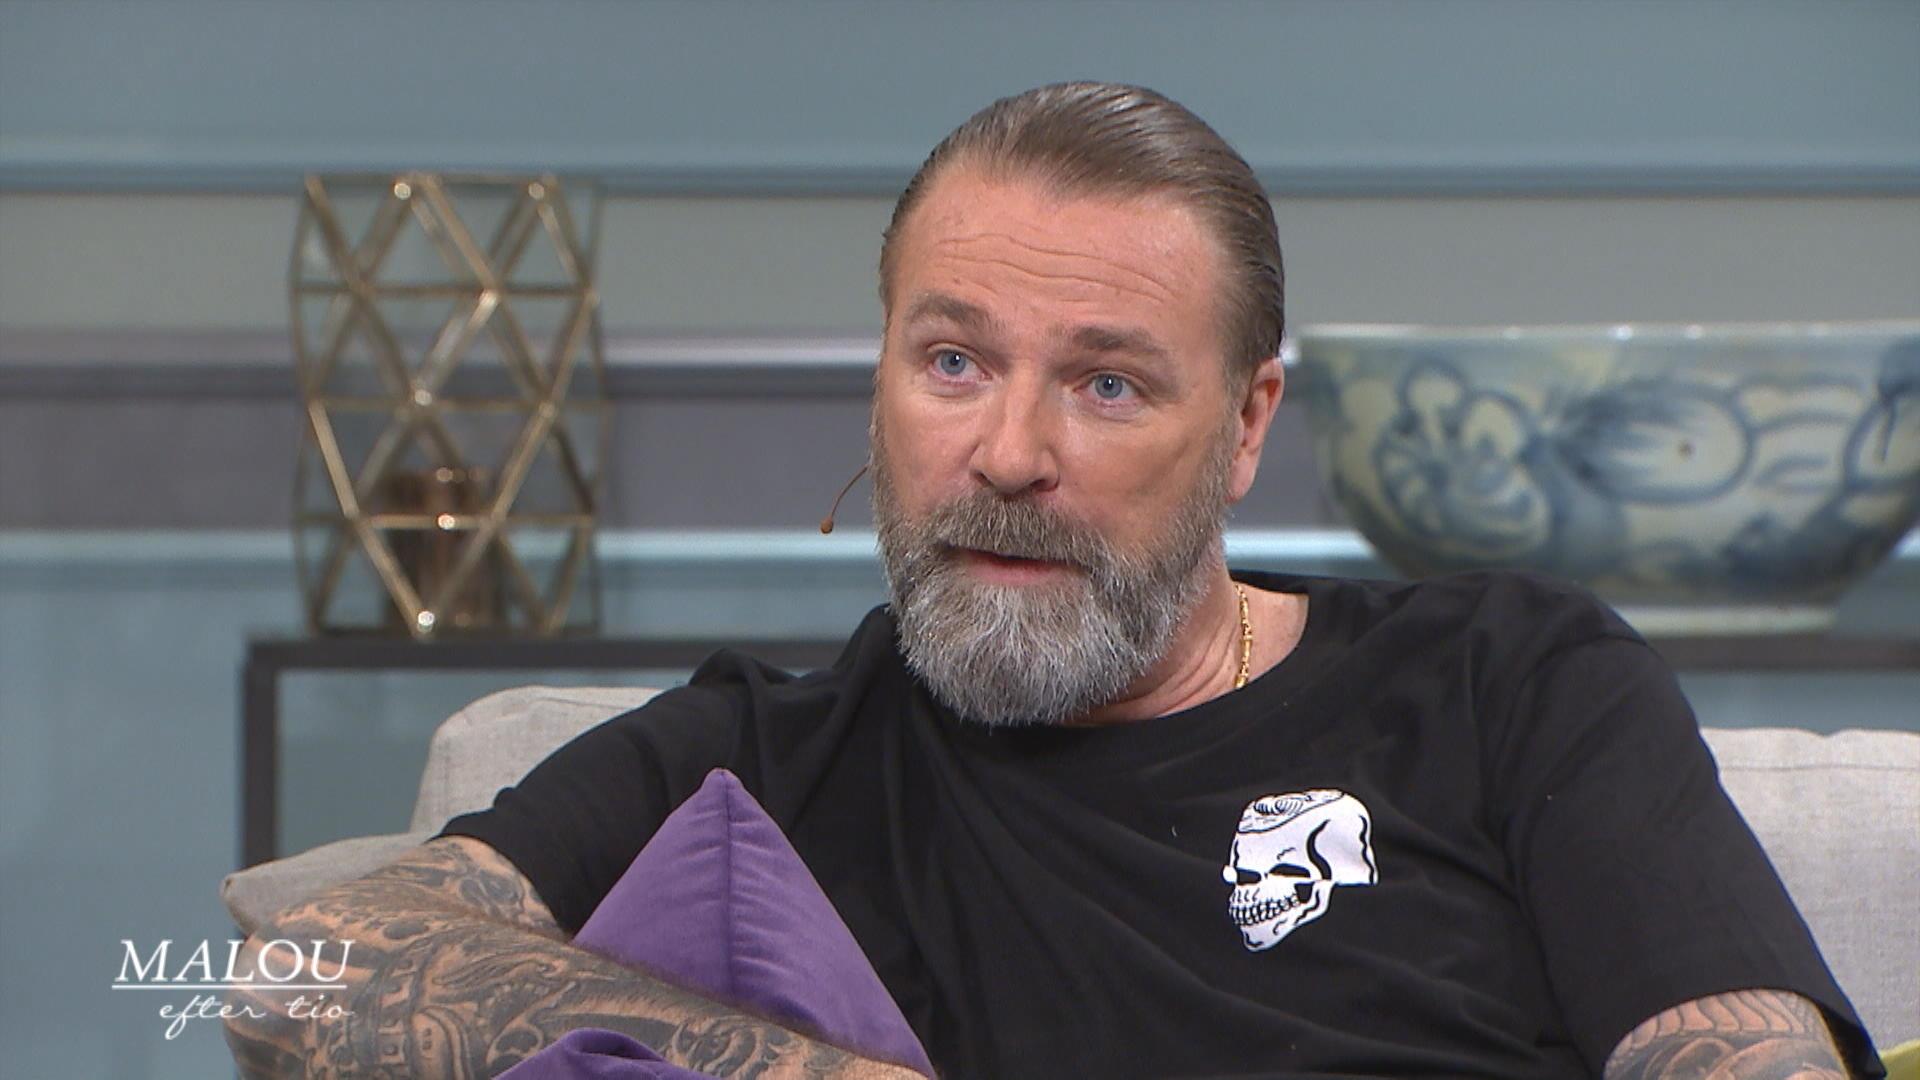 """ecde18ede05 Patrik Sjöberg: """"Jag är mer bekväm att hamna i konflikt än att få beröm"""" -  Malou Efter tio - tv4.se"""